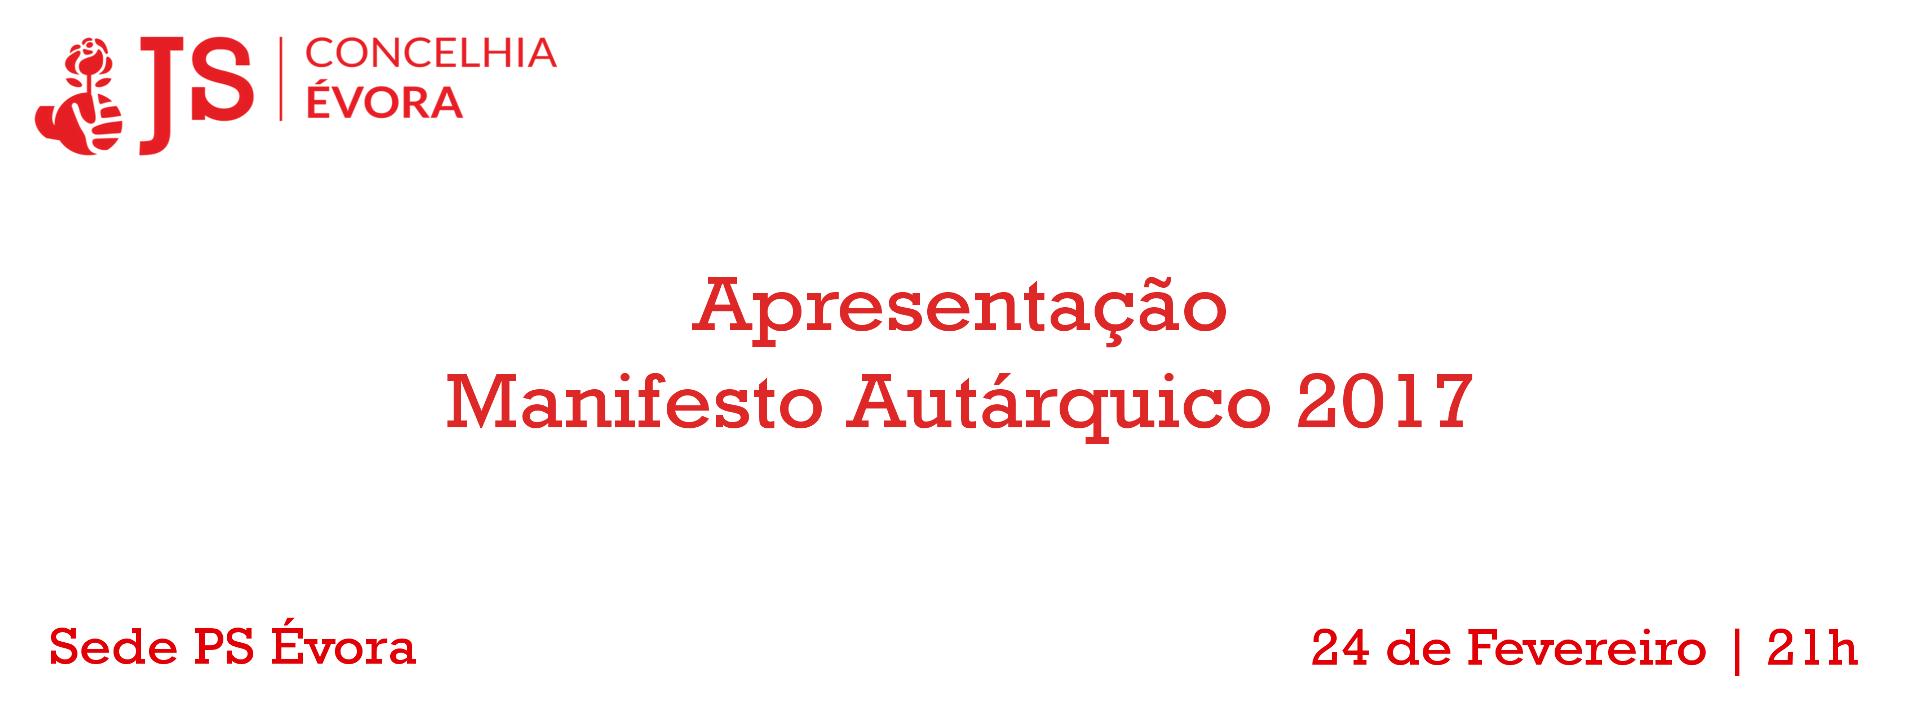 Apresentação do Manifesto Autárquico 2017 (1920x711)